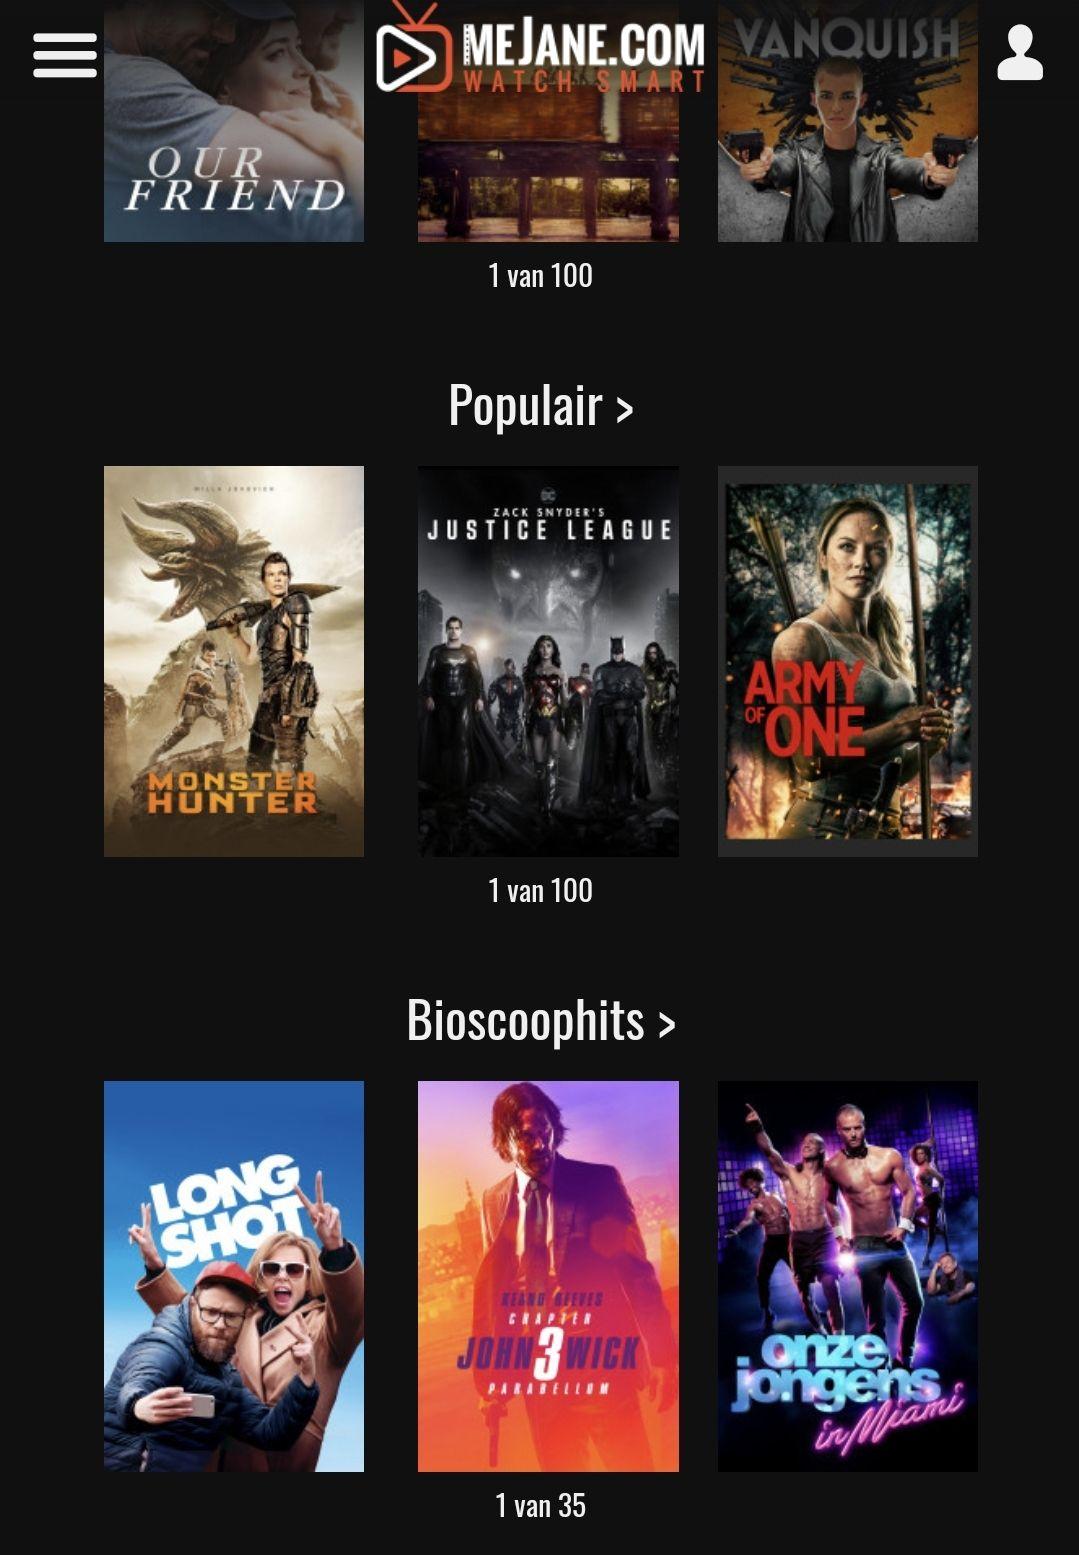 5.000 x Gratis filmtegoed voor één film op Samsung Tizen Smart Tv